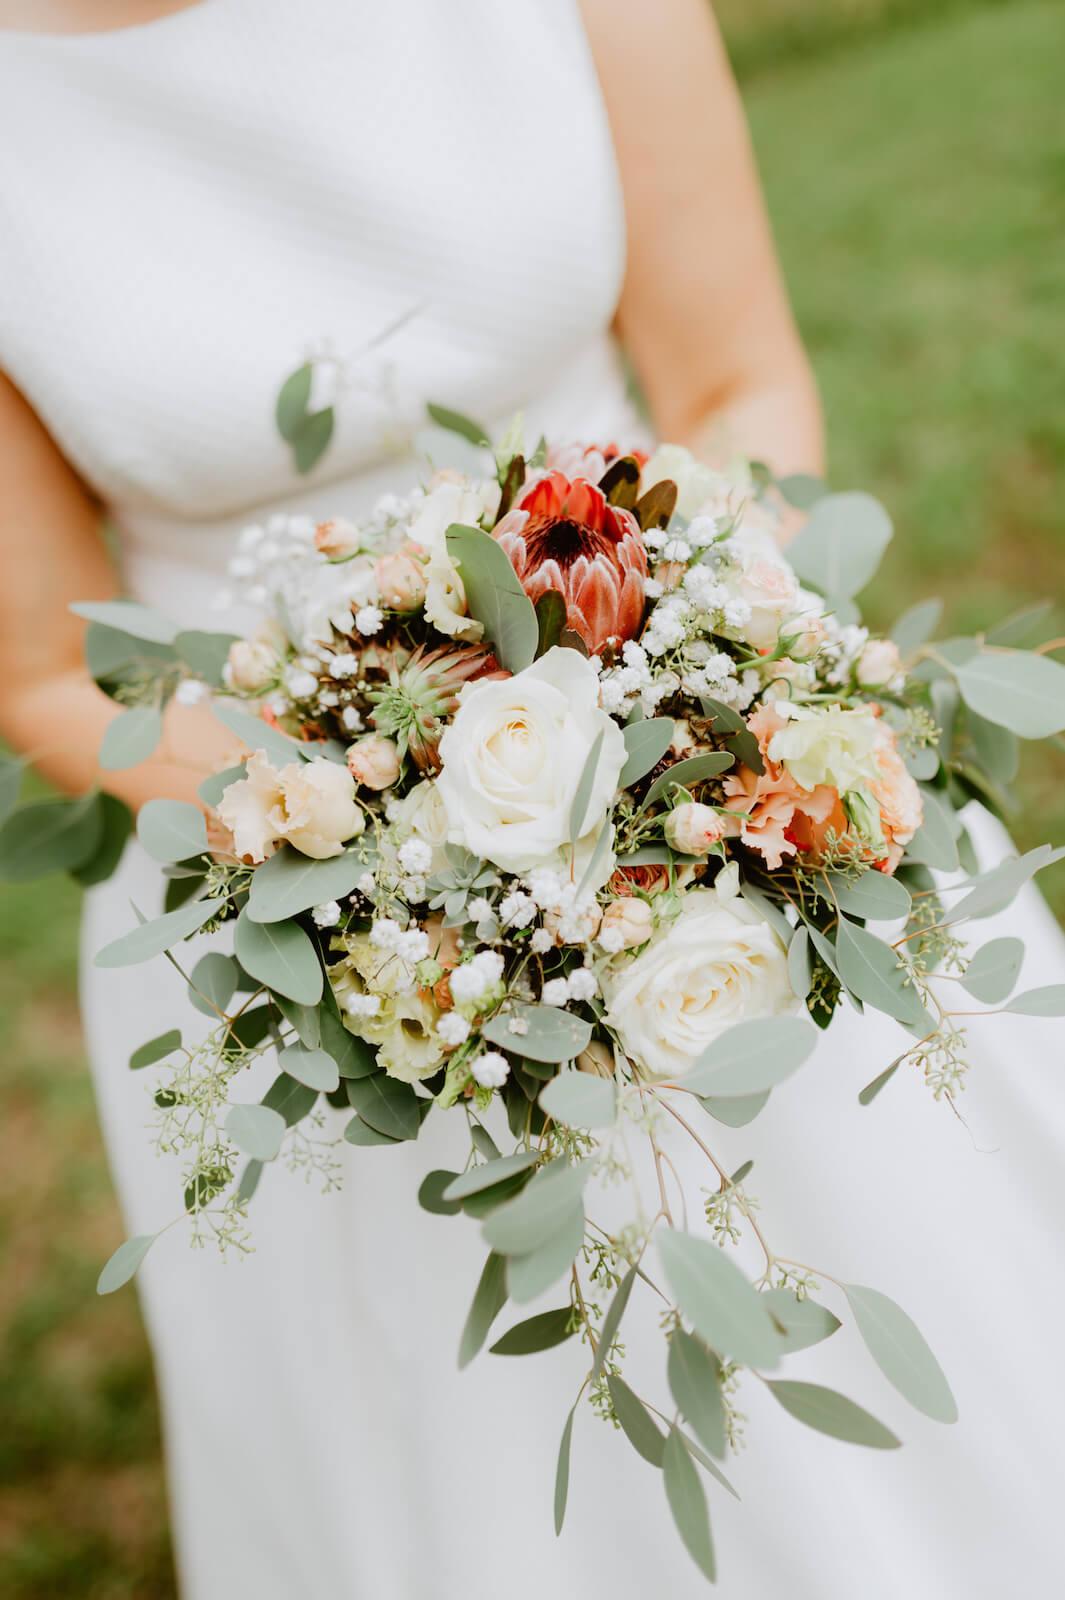 Gartenhochzeit Buchloe - Brautstrauß in den Händen der Braut